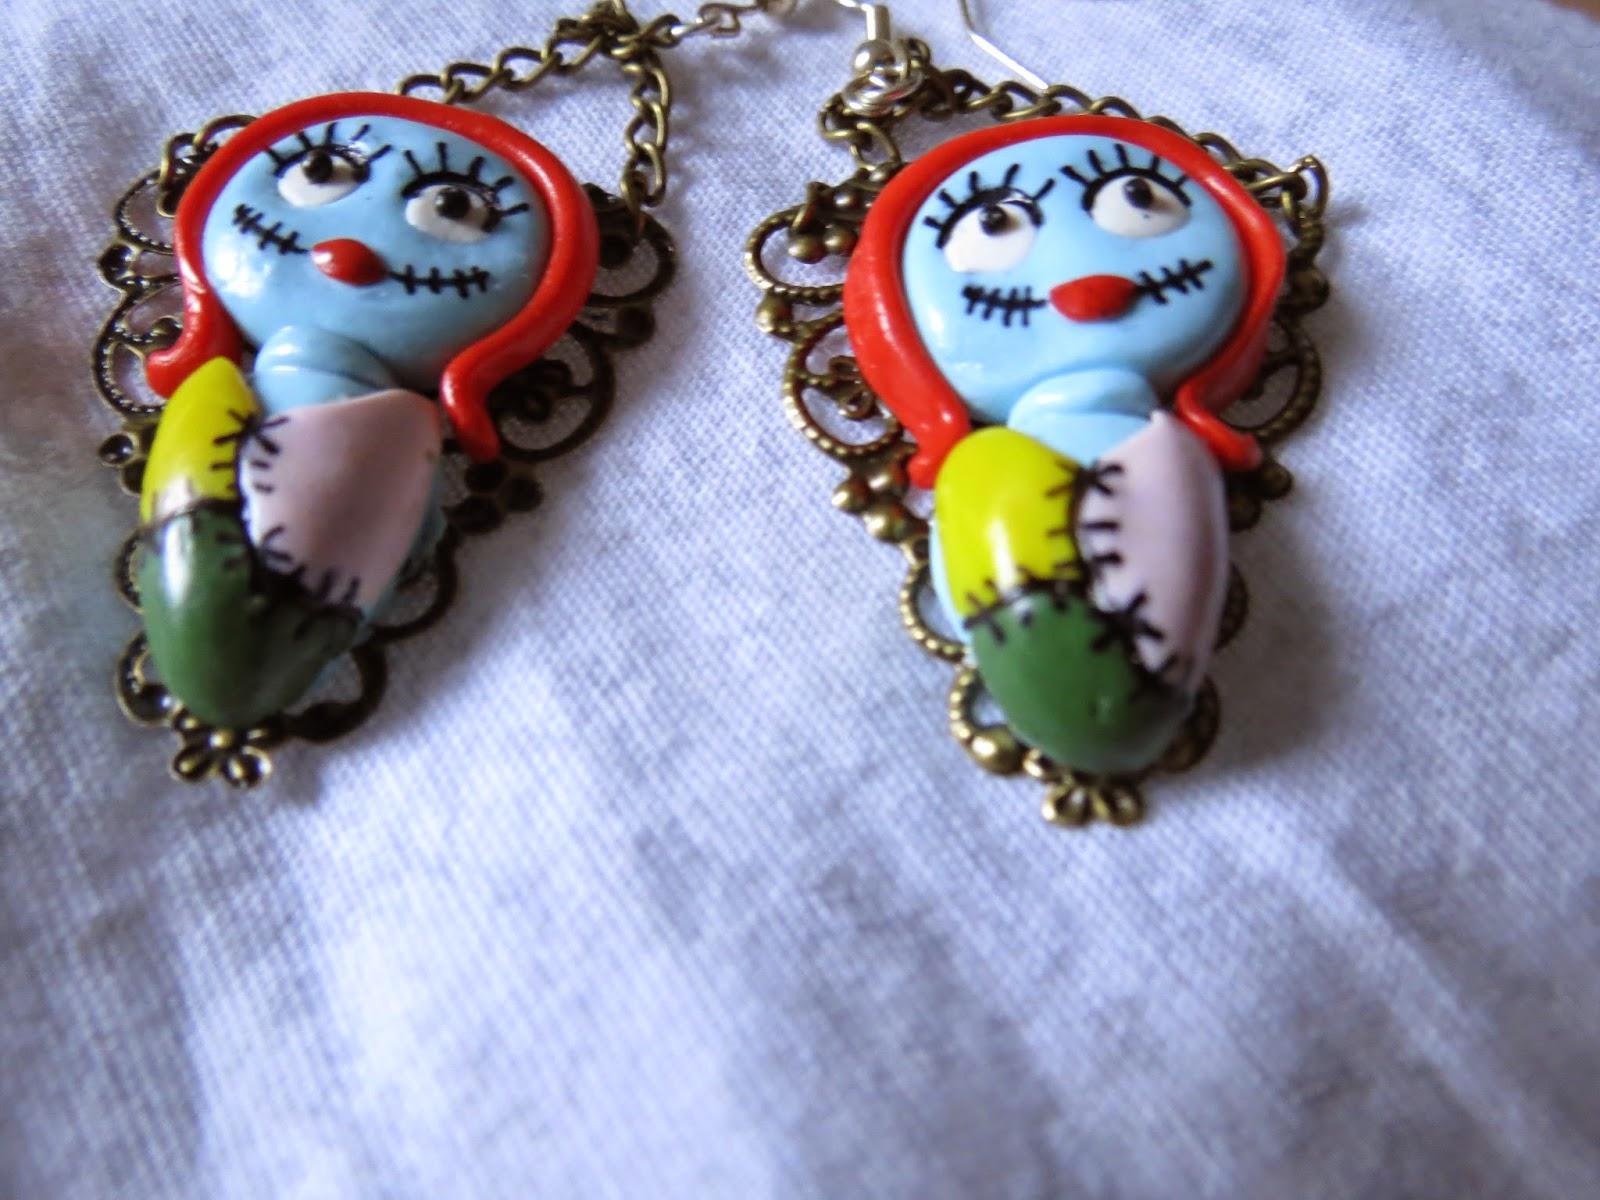 http://2.bp.blogspot.com/-kyb1IzZfq08/VKGQusxL51I/AAAAAAAAAzY/eaps0xsAzfY/s1600/IMG_8875.JPG